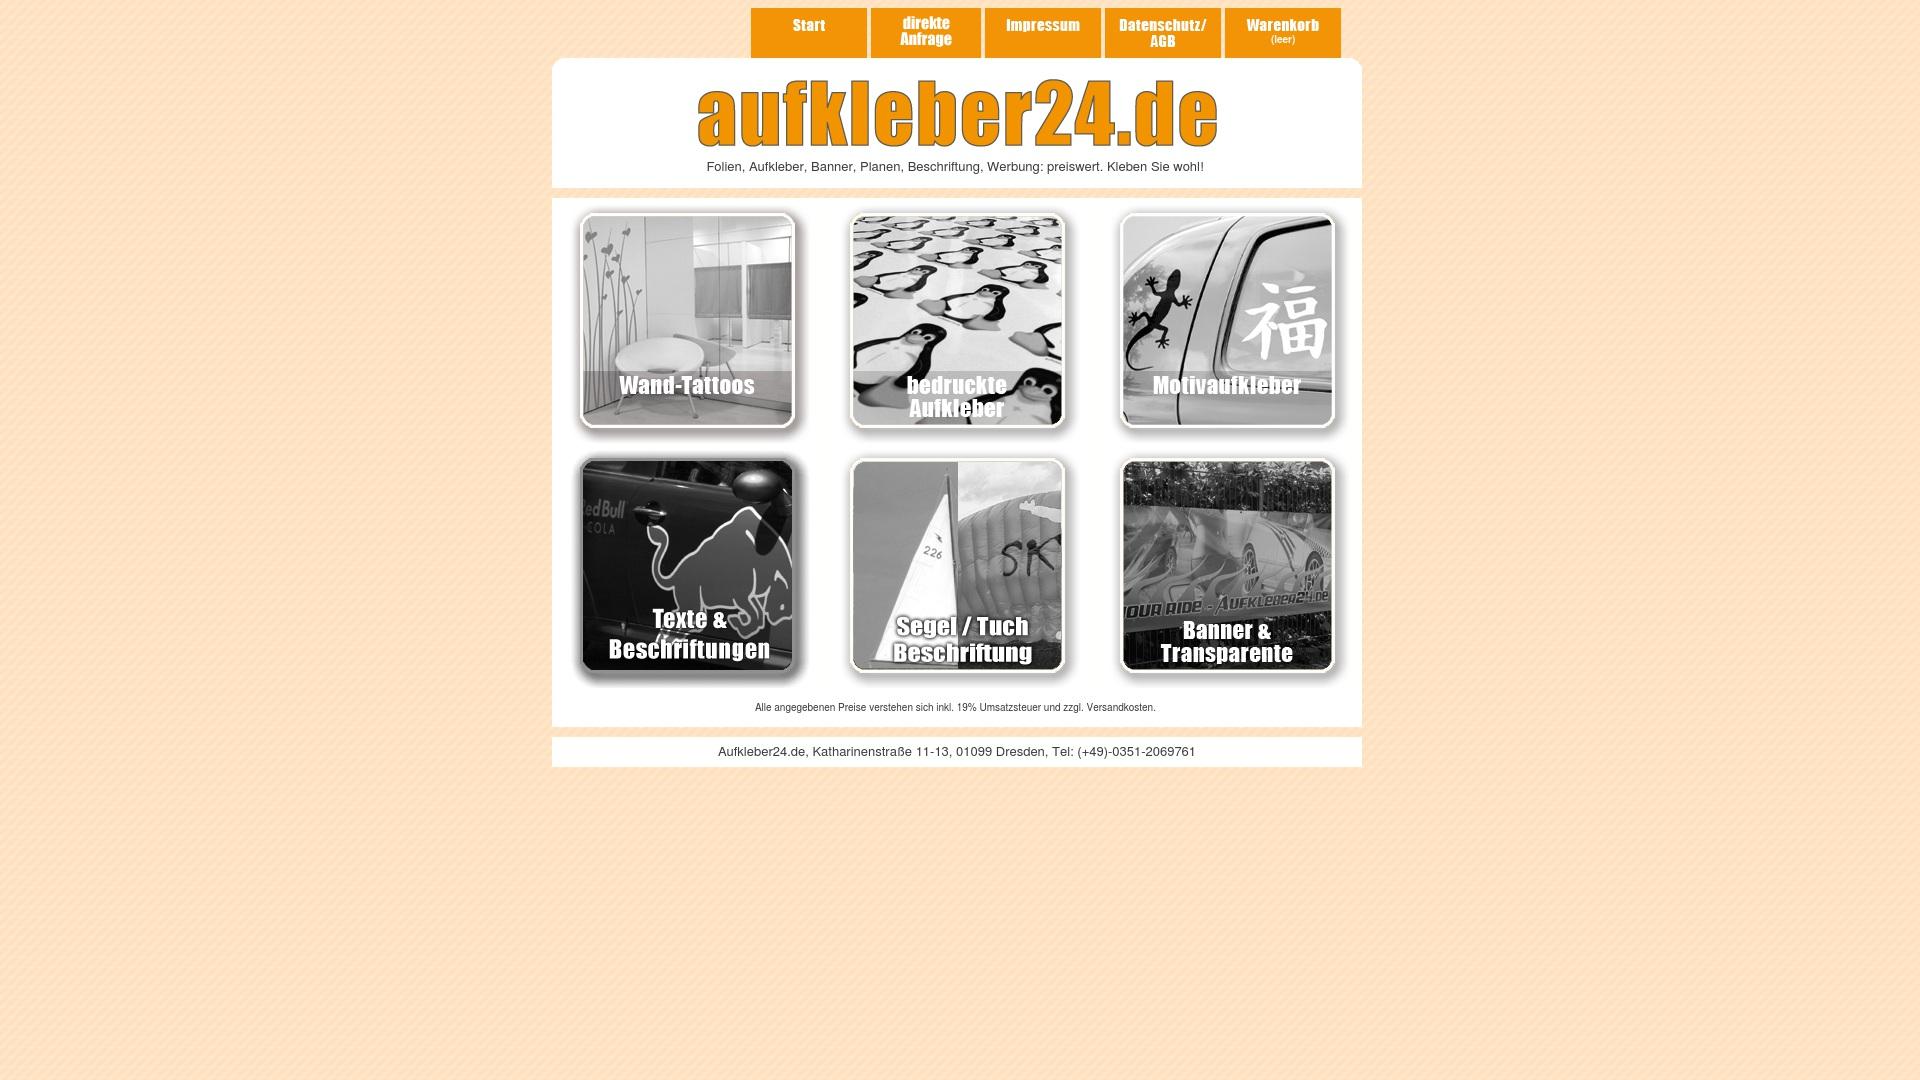 Gutschein für Aufkleber24: Rabatte für  Aufkleber24 sichern